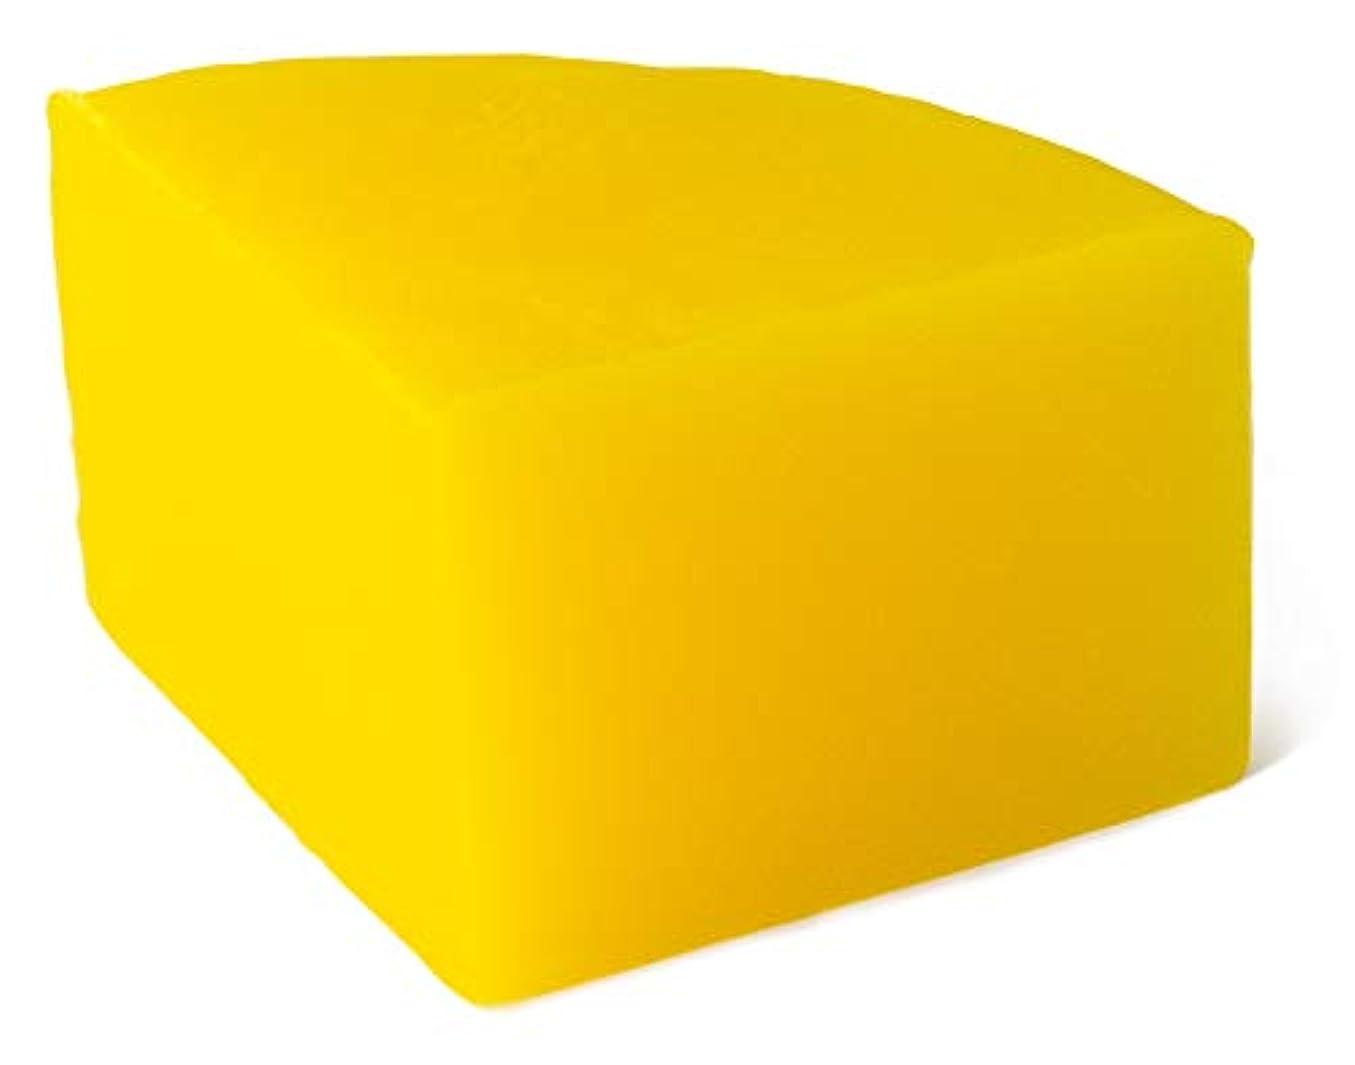 起点支援検出するグリセリン クリアソープ (MPソープ) 色チップ 黄 25g